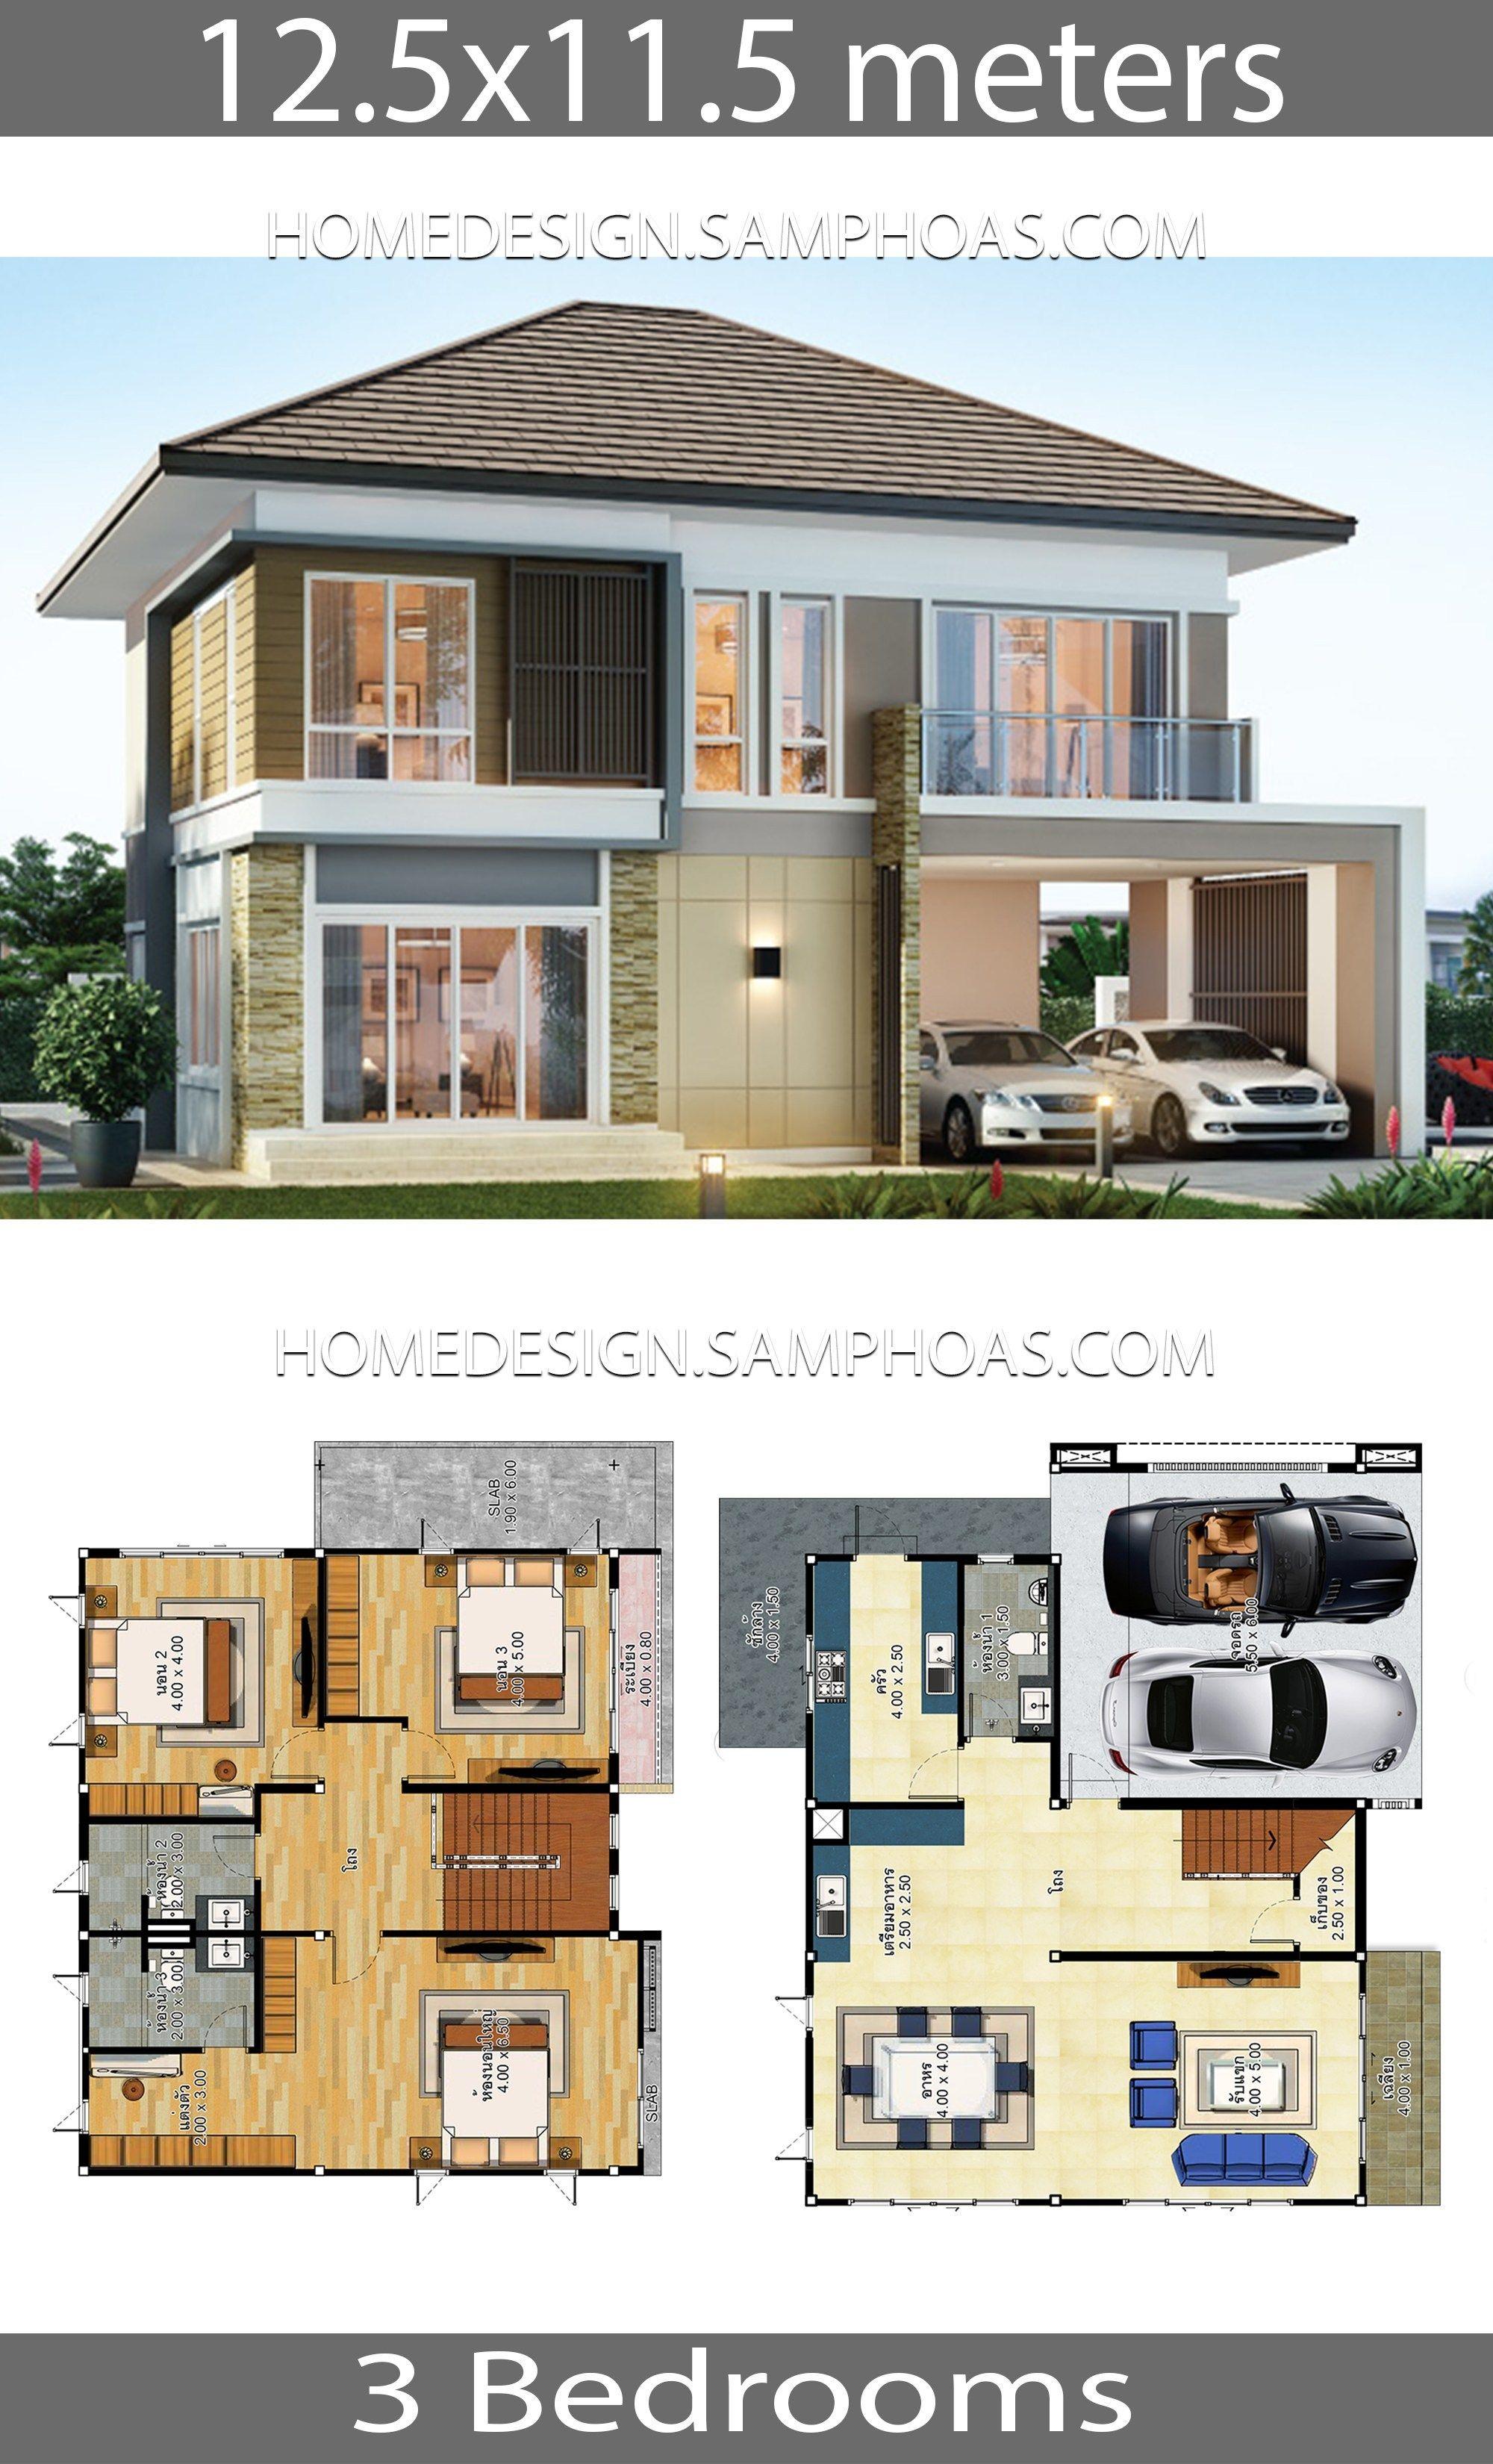 House Plans Idea 12 5 11 5 With 3 Bedrooms Building Size 12 50 X 11 50 Land Size Sq M 16 50 X 15 50 M La Loft House Design House Plans House Layout Plans